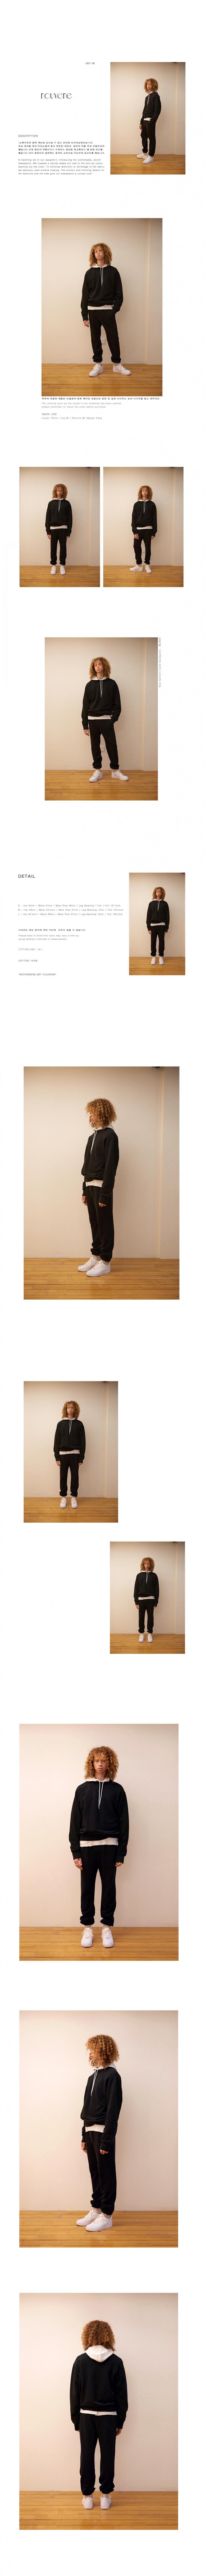 누엔(NOUVENE) New Garment Dyed Sweatpants Black